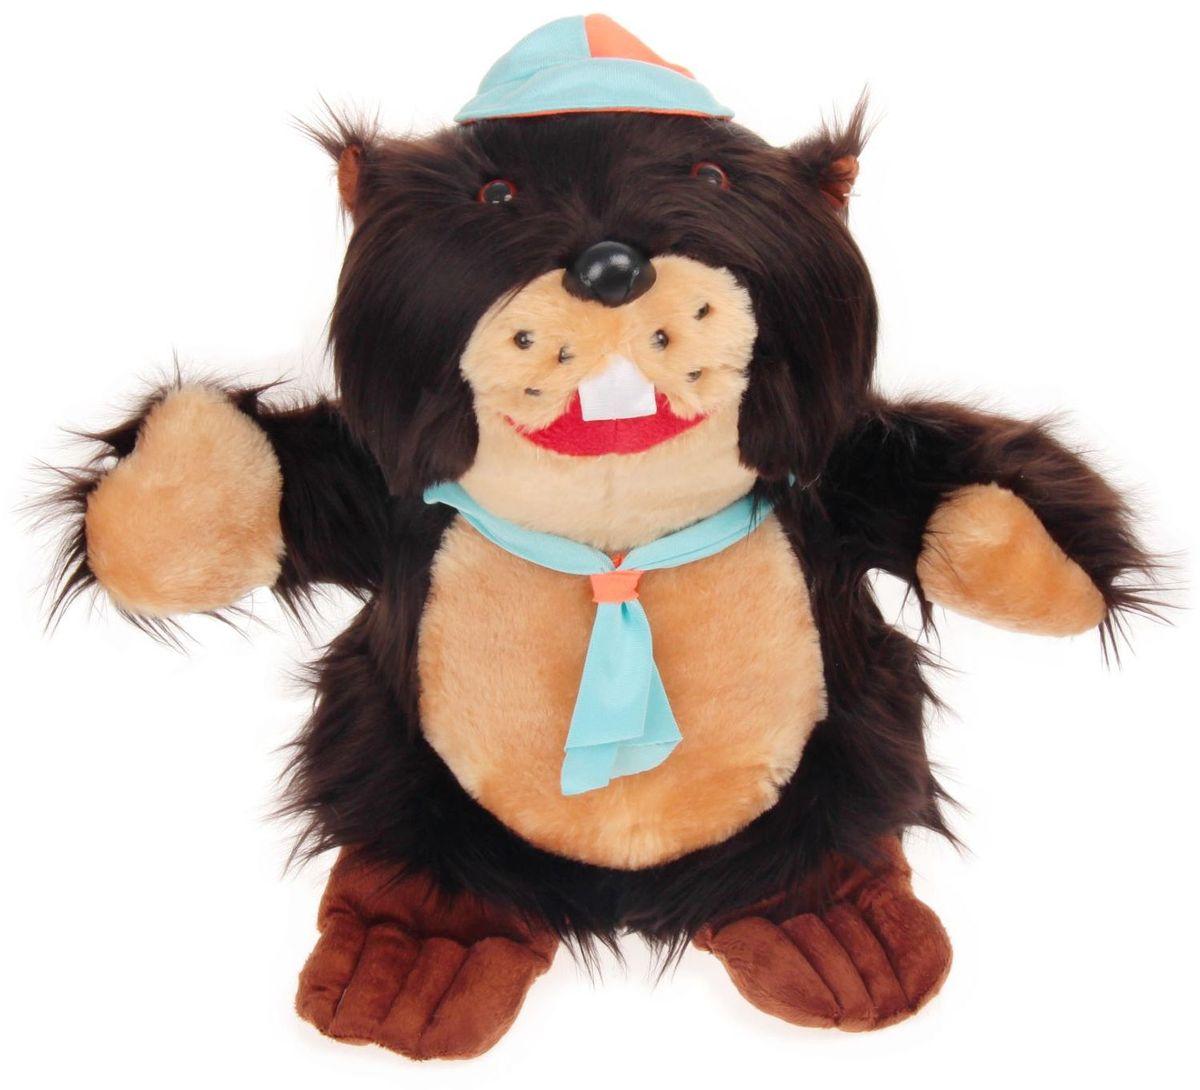 Радомир Мягкая игрушка Бобр Прокоп 46 см 2008889 радомир мягкая игрушка собака соня 55 см 2008906